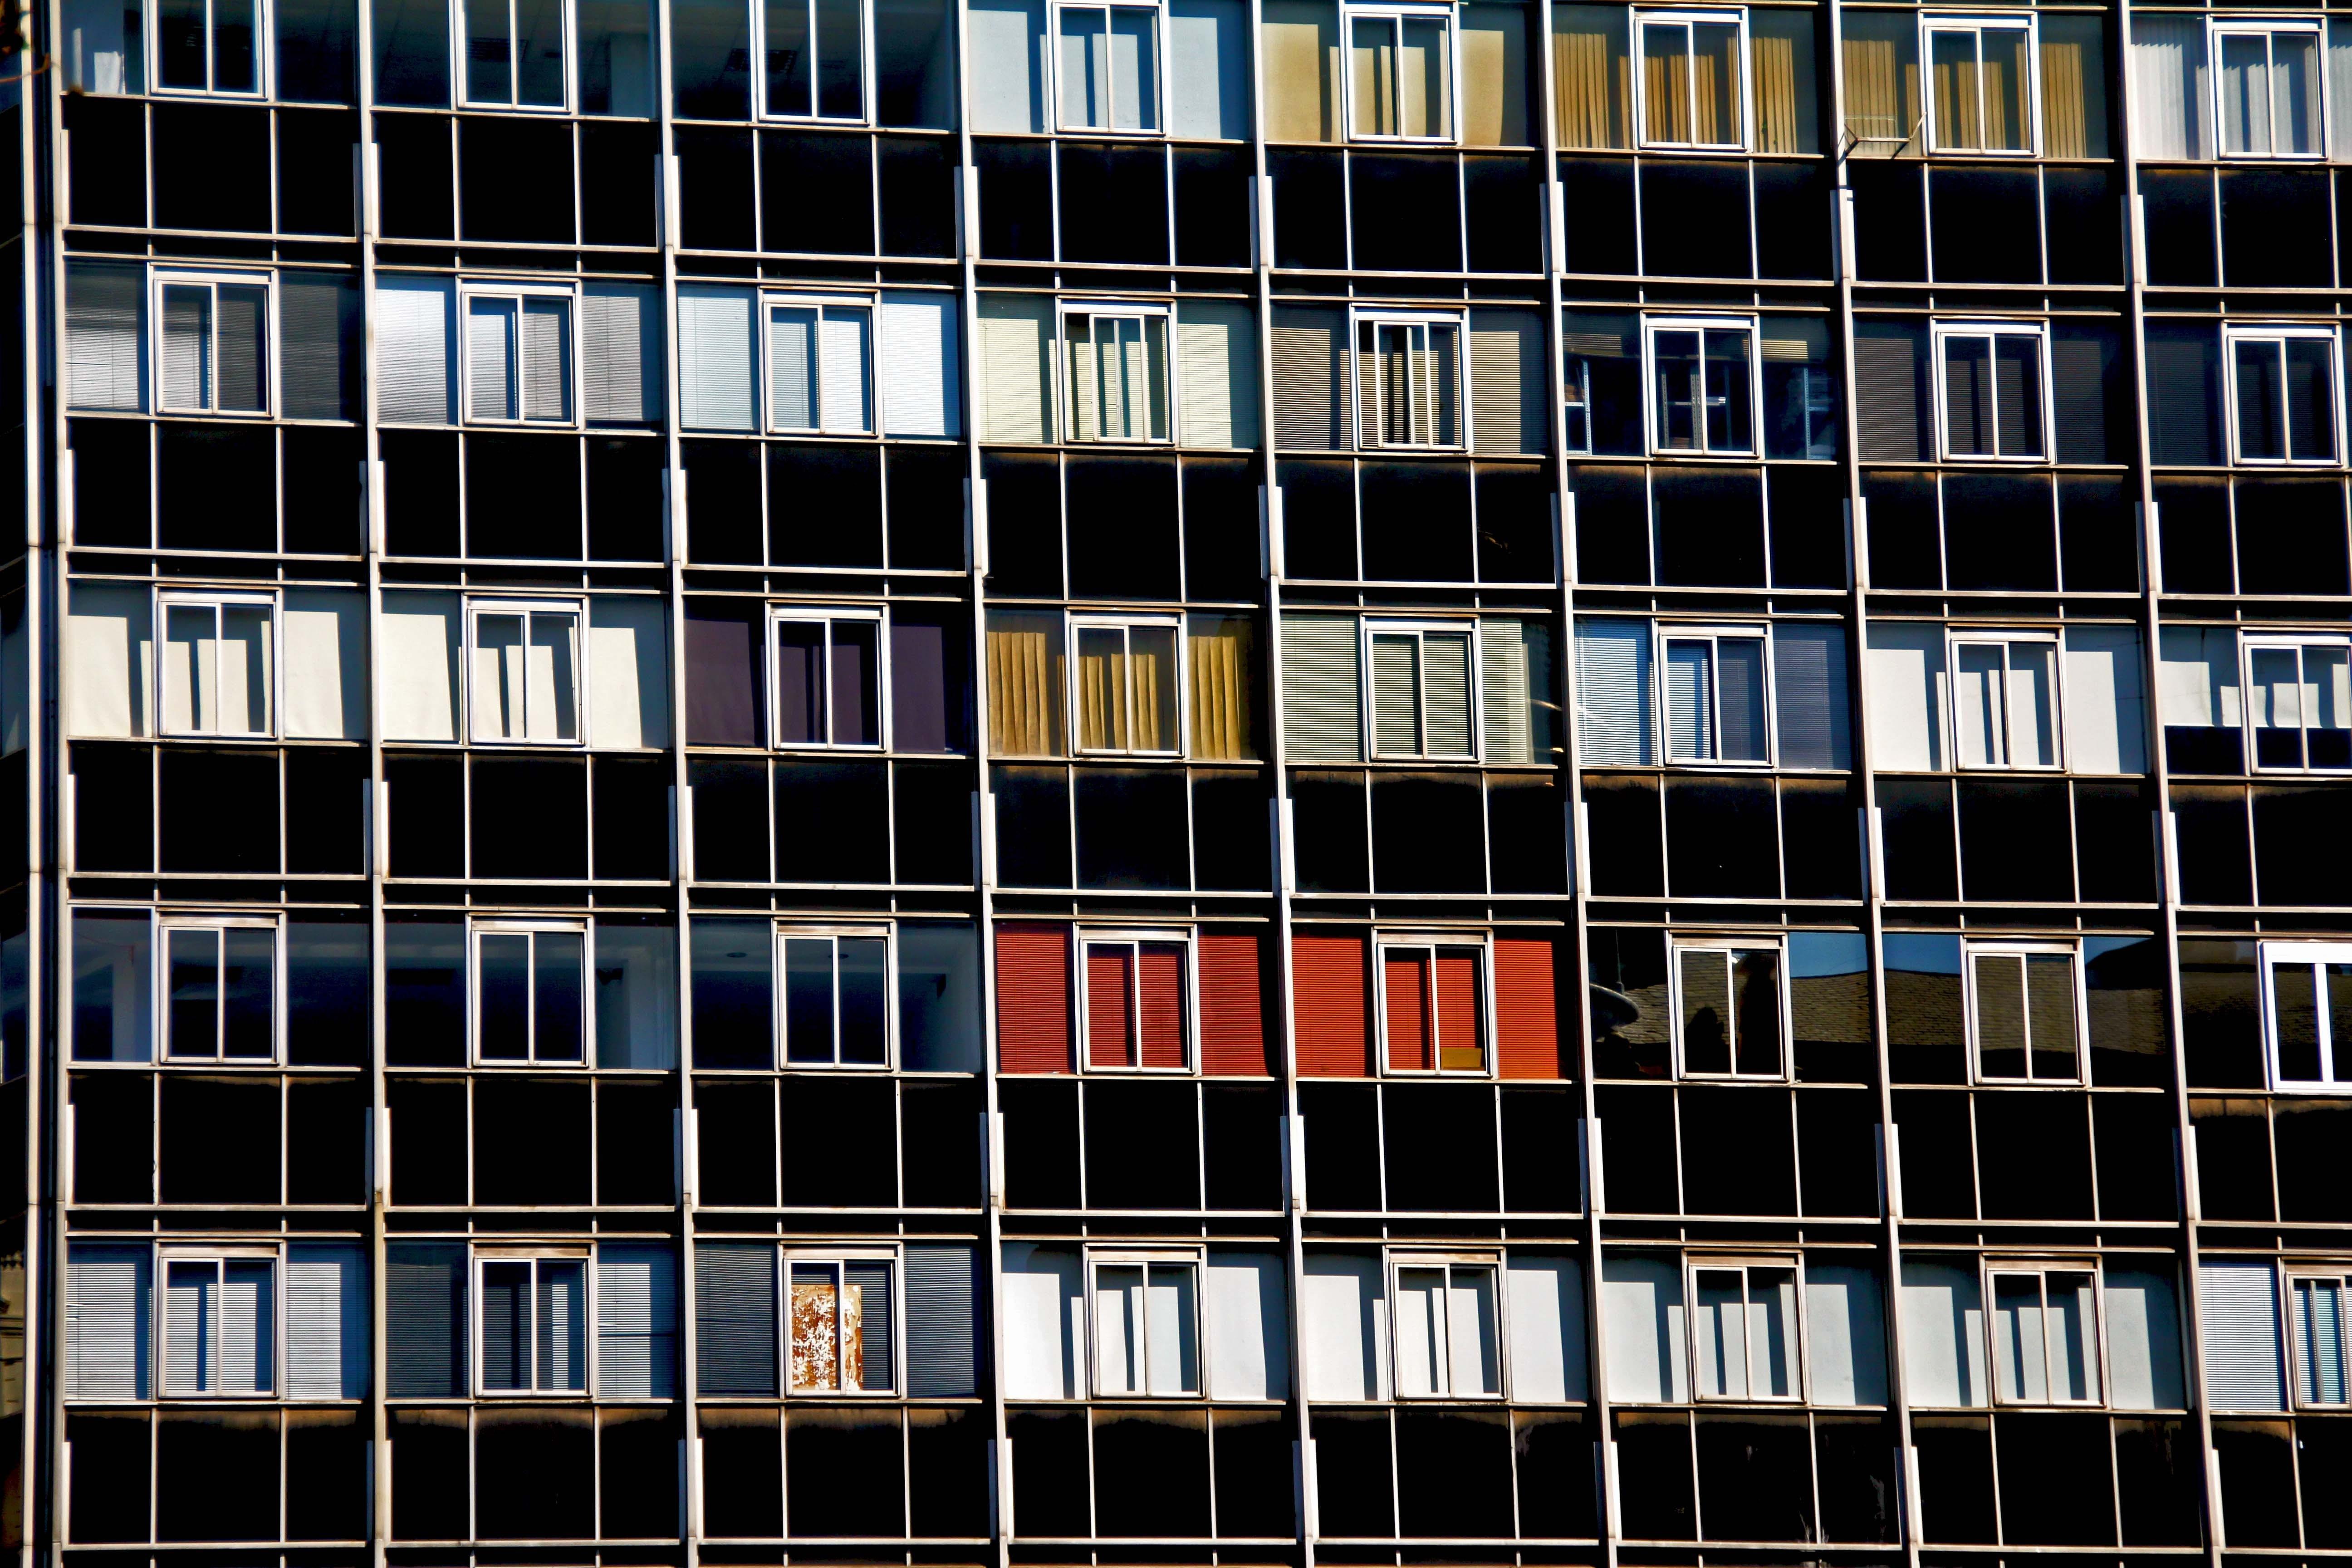 zu architektur, aufnahme von unten, außen, bau